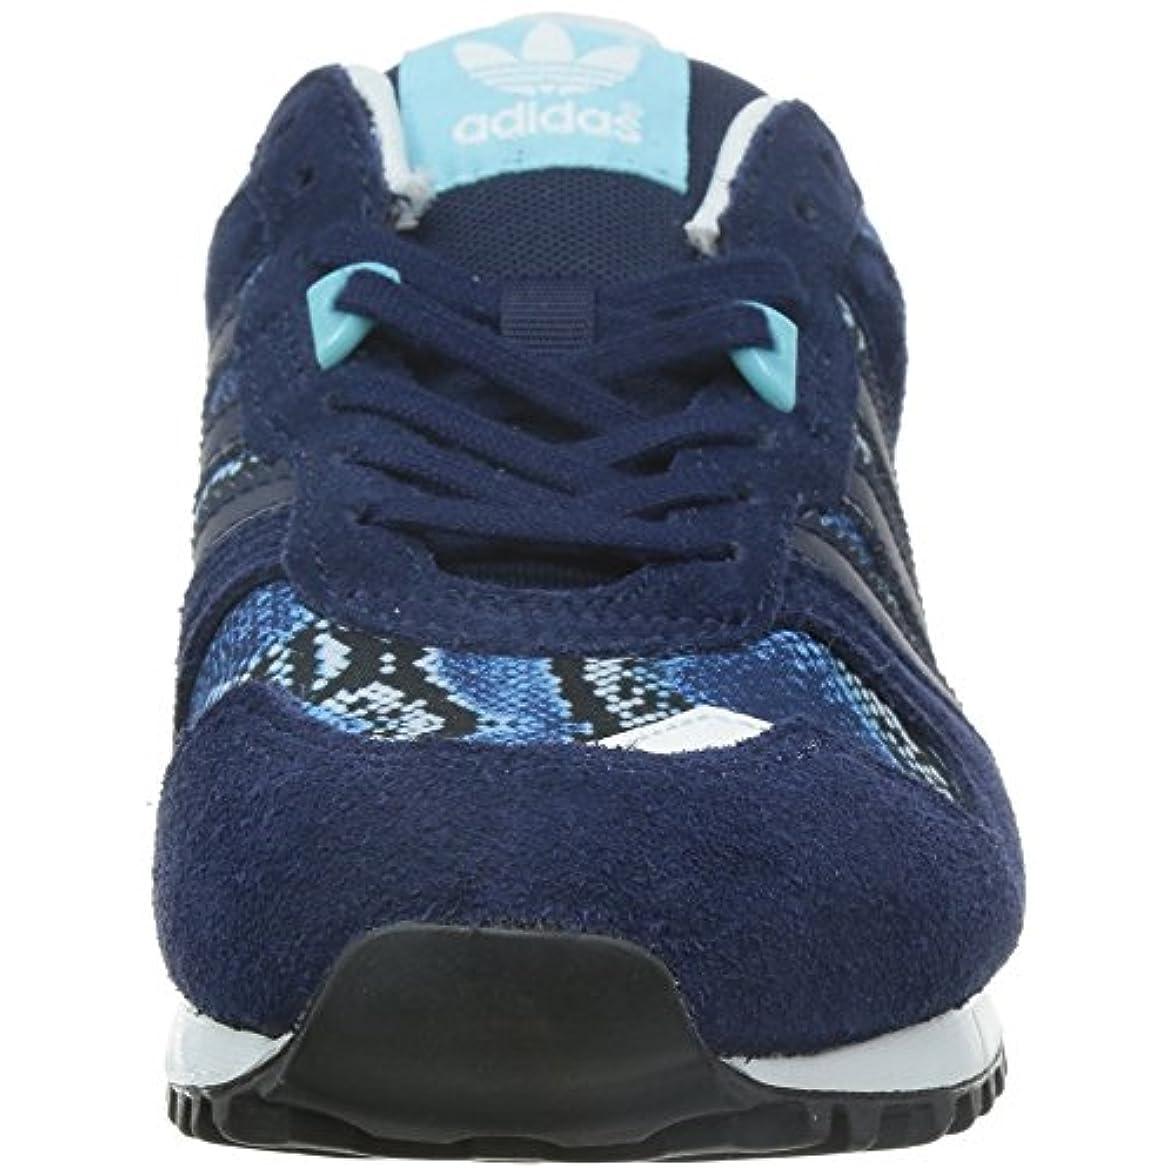 Adidas - Zx 700 Scarpe Da Ginnastica Donna